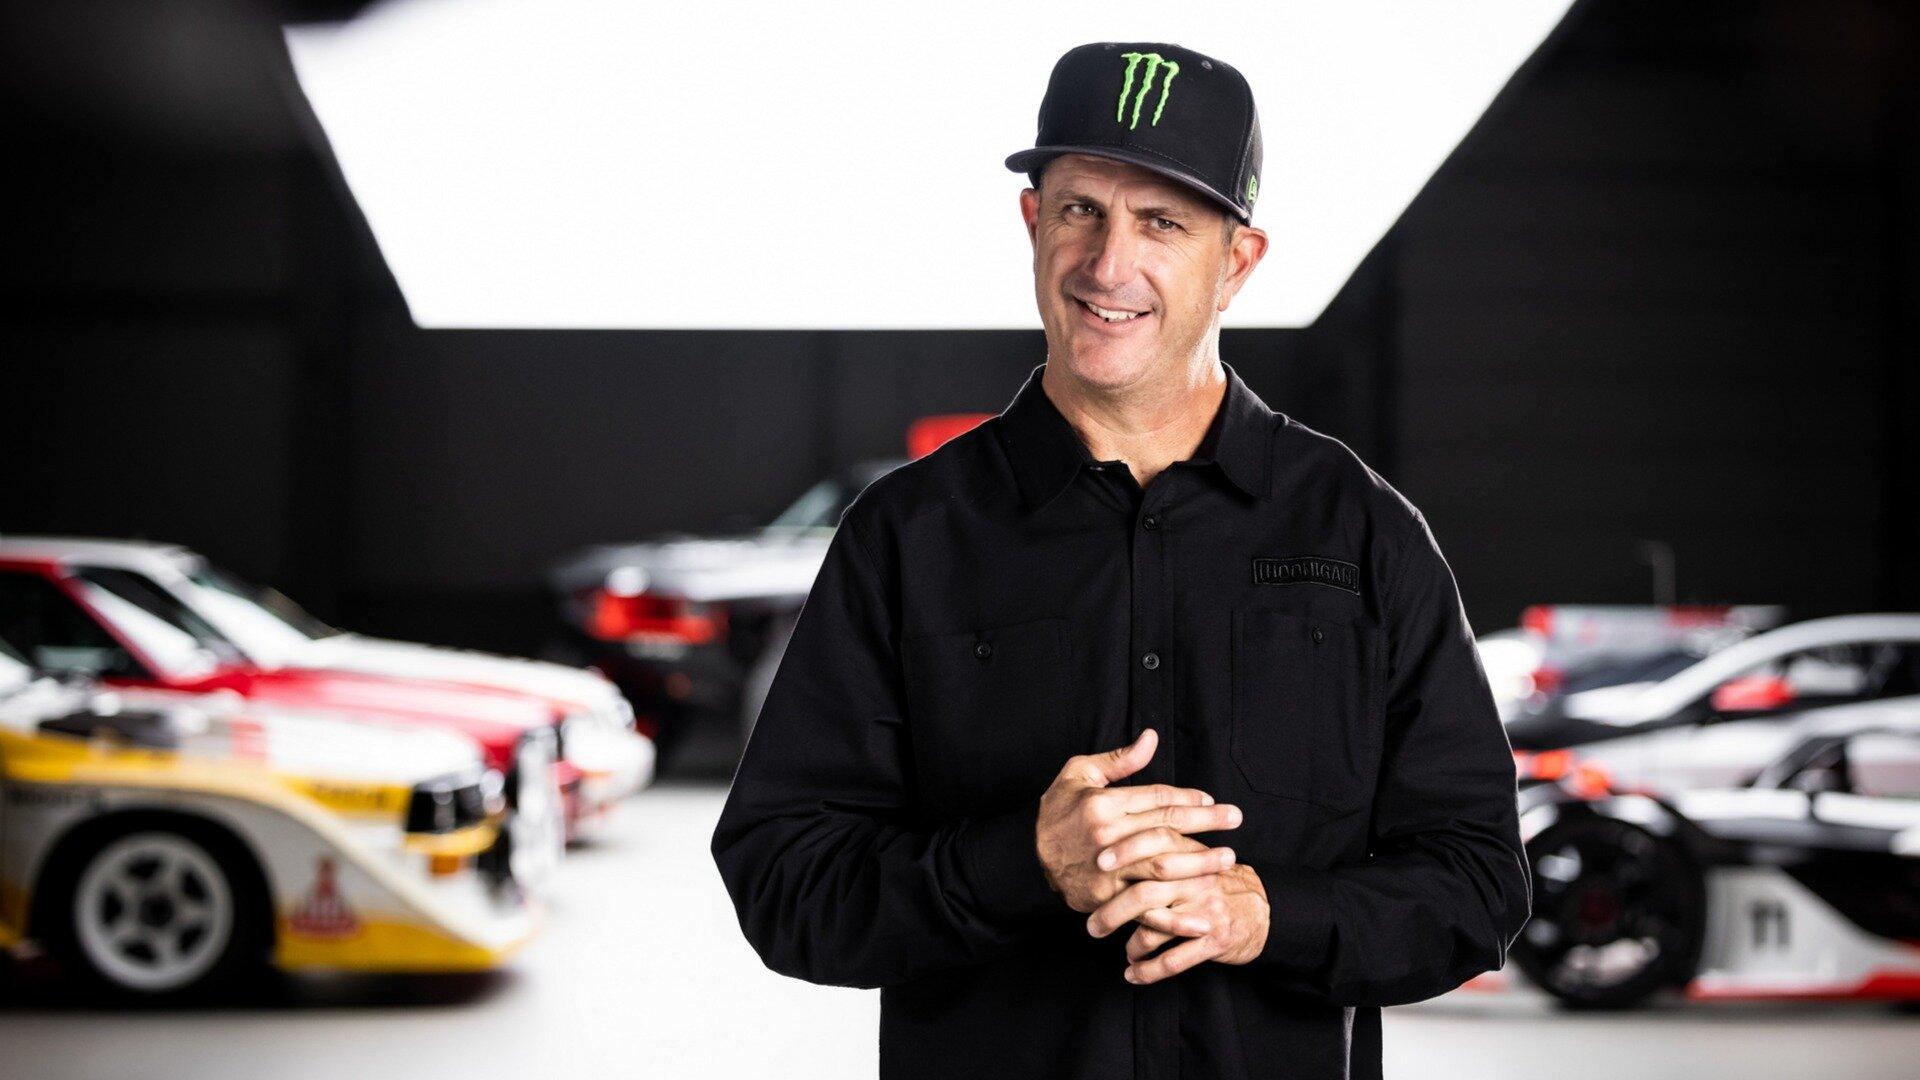 Гонщик и блогер Кен Блок стал частью команды Audi: видео с символическим принятием американца в компанию выложено на официальном канале марки на YouTube. Сам Блок сказал, что он и инженеры фирмы станут создавать новые технологии в сфере электрической мобильности.